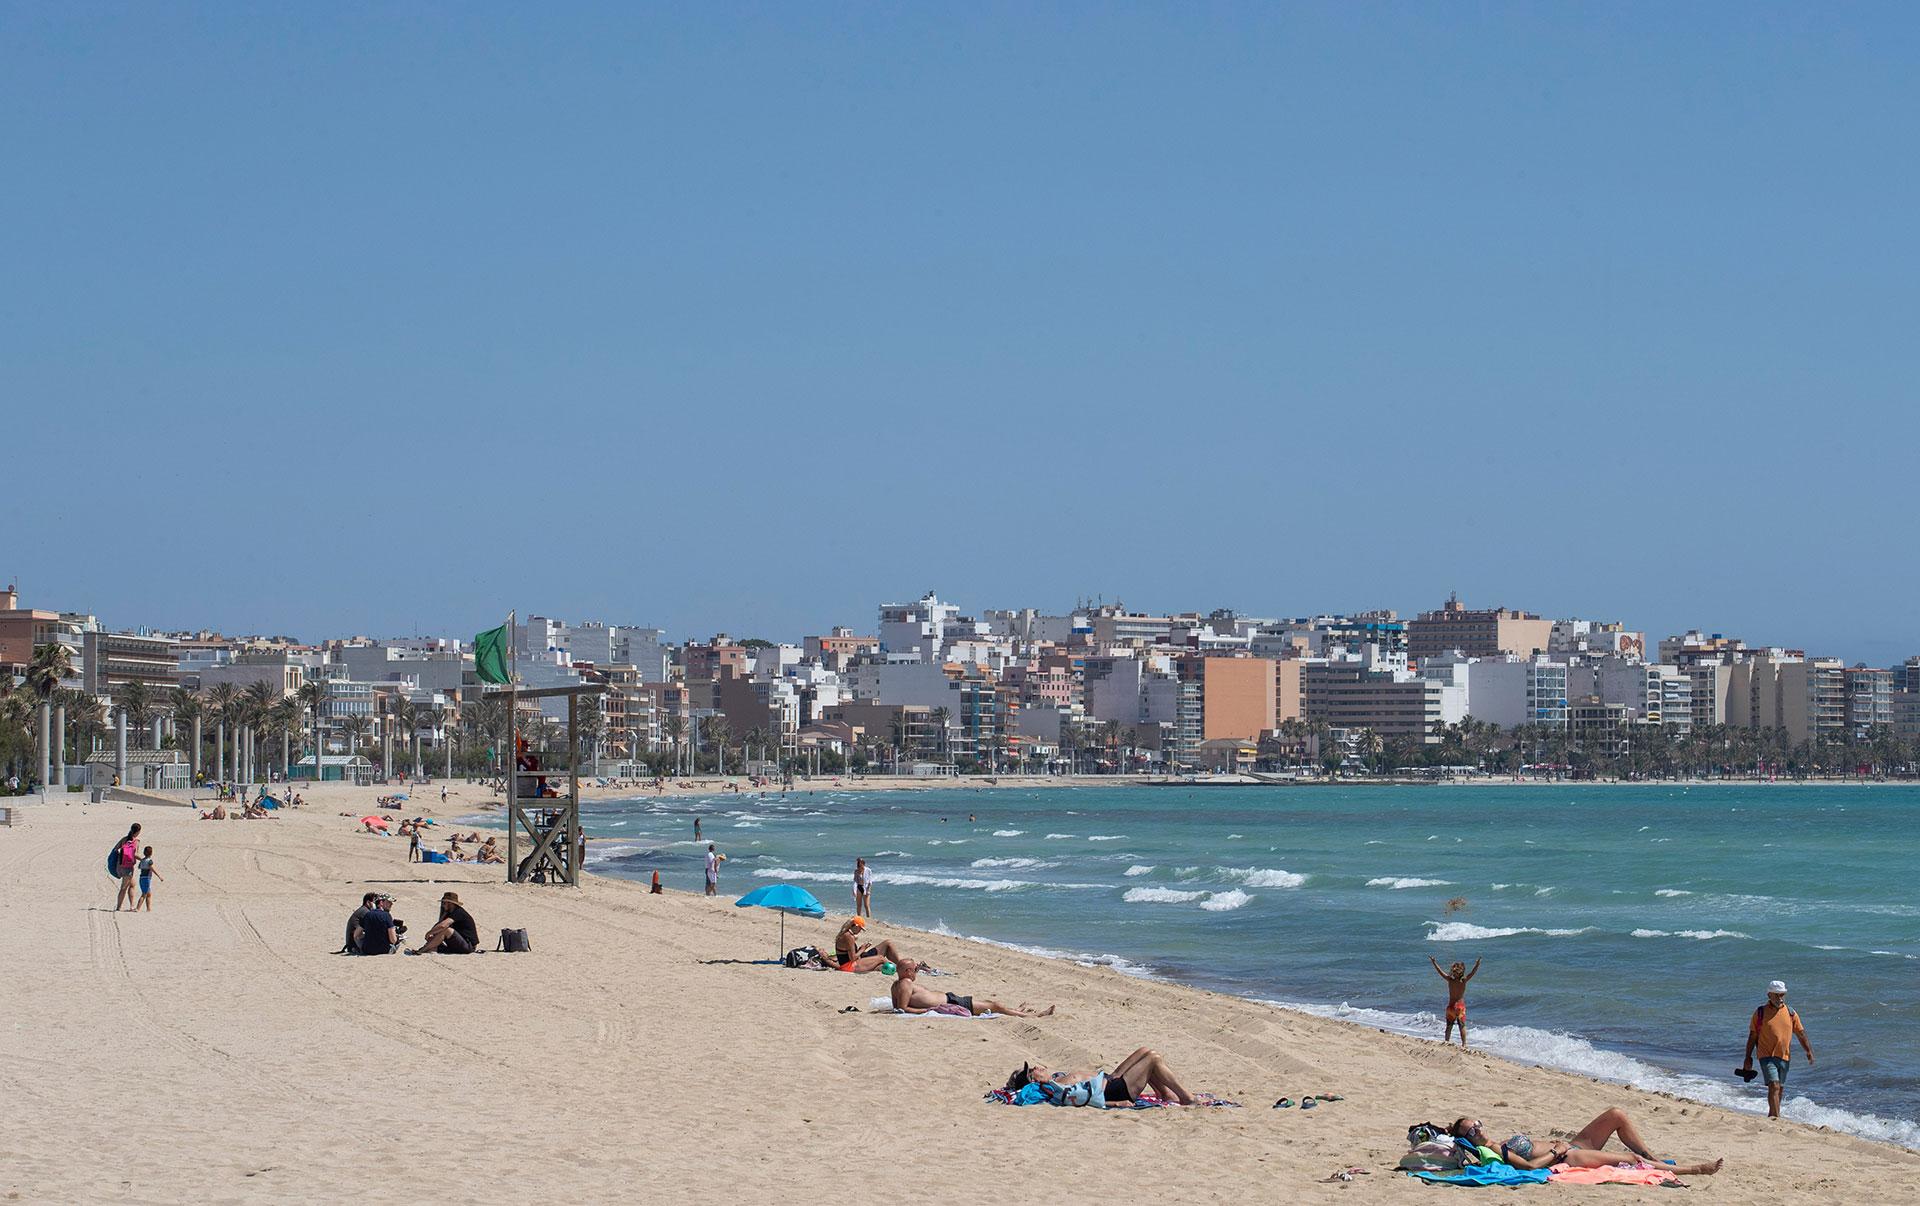 La playa de Palma de Mallorca comienza a ocuparse con turistas con la habilitación desde este lunes de los vuelos desde Alemania.